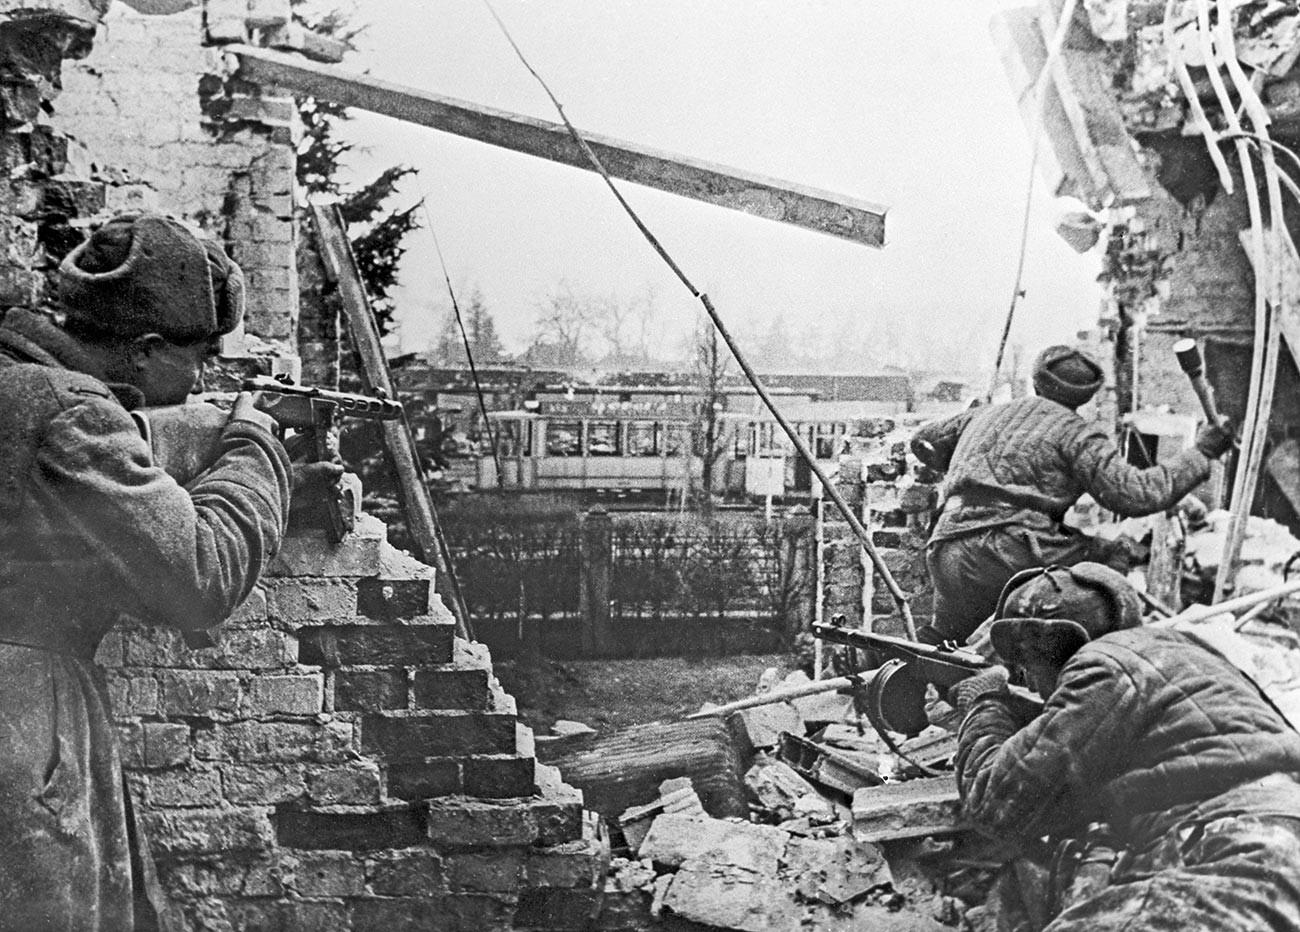 Drugi svjetski rat 1939.-1945. g. Budimpeštanska ofenziva sovjetske vojske. Vojnici Trećeg Ukrajinskog fronta s automatima u uličnim borbama za oslobođenje Budimpešte.